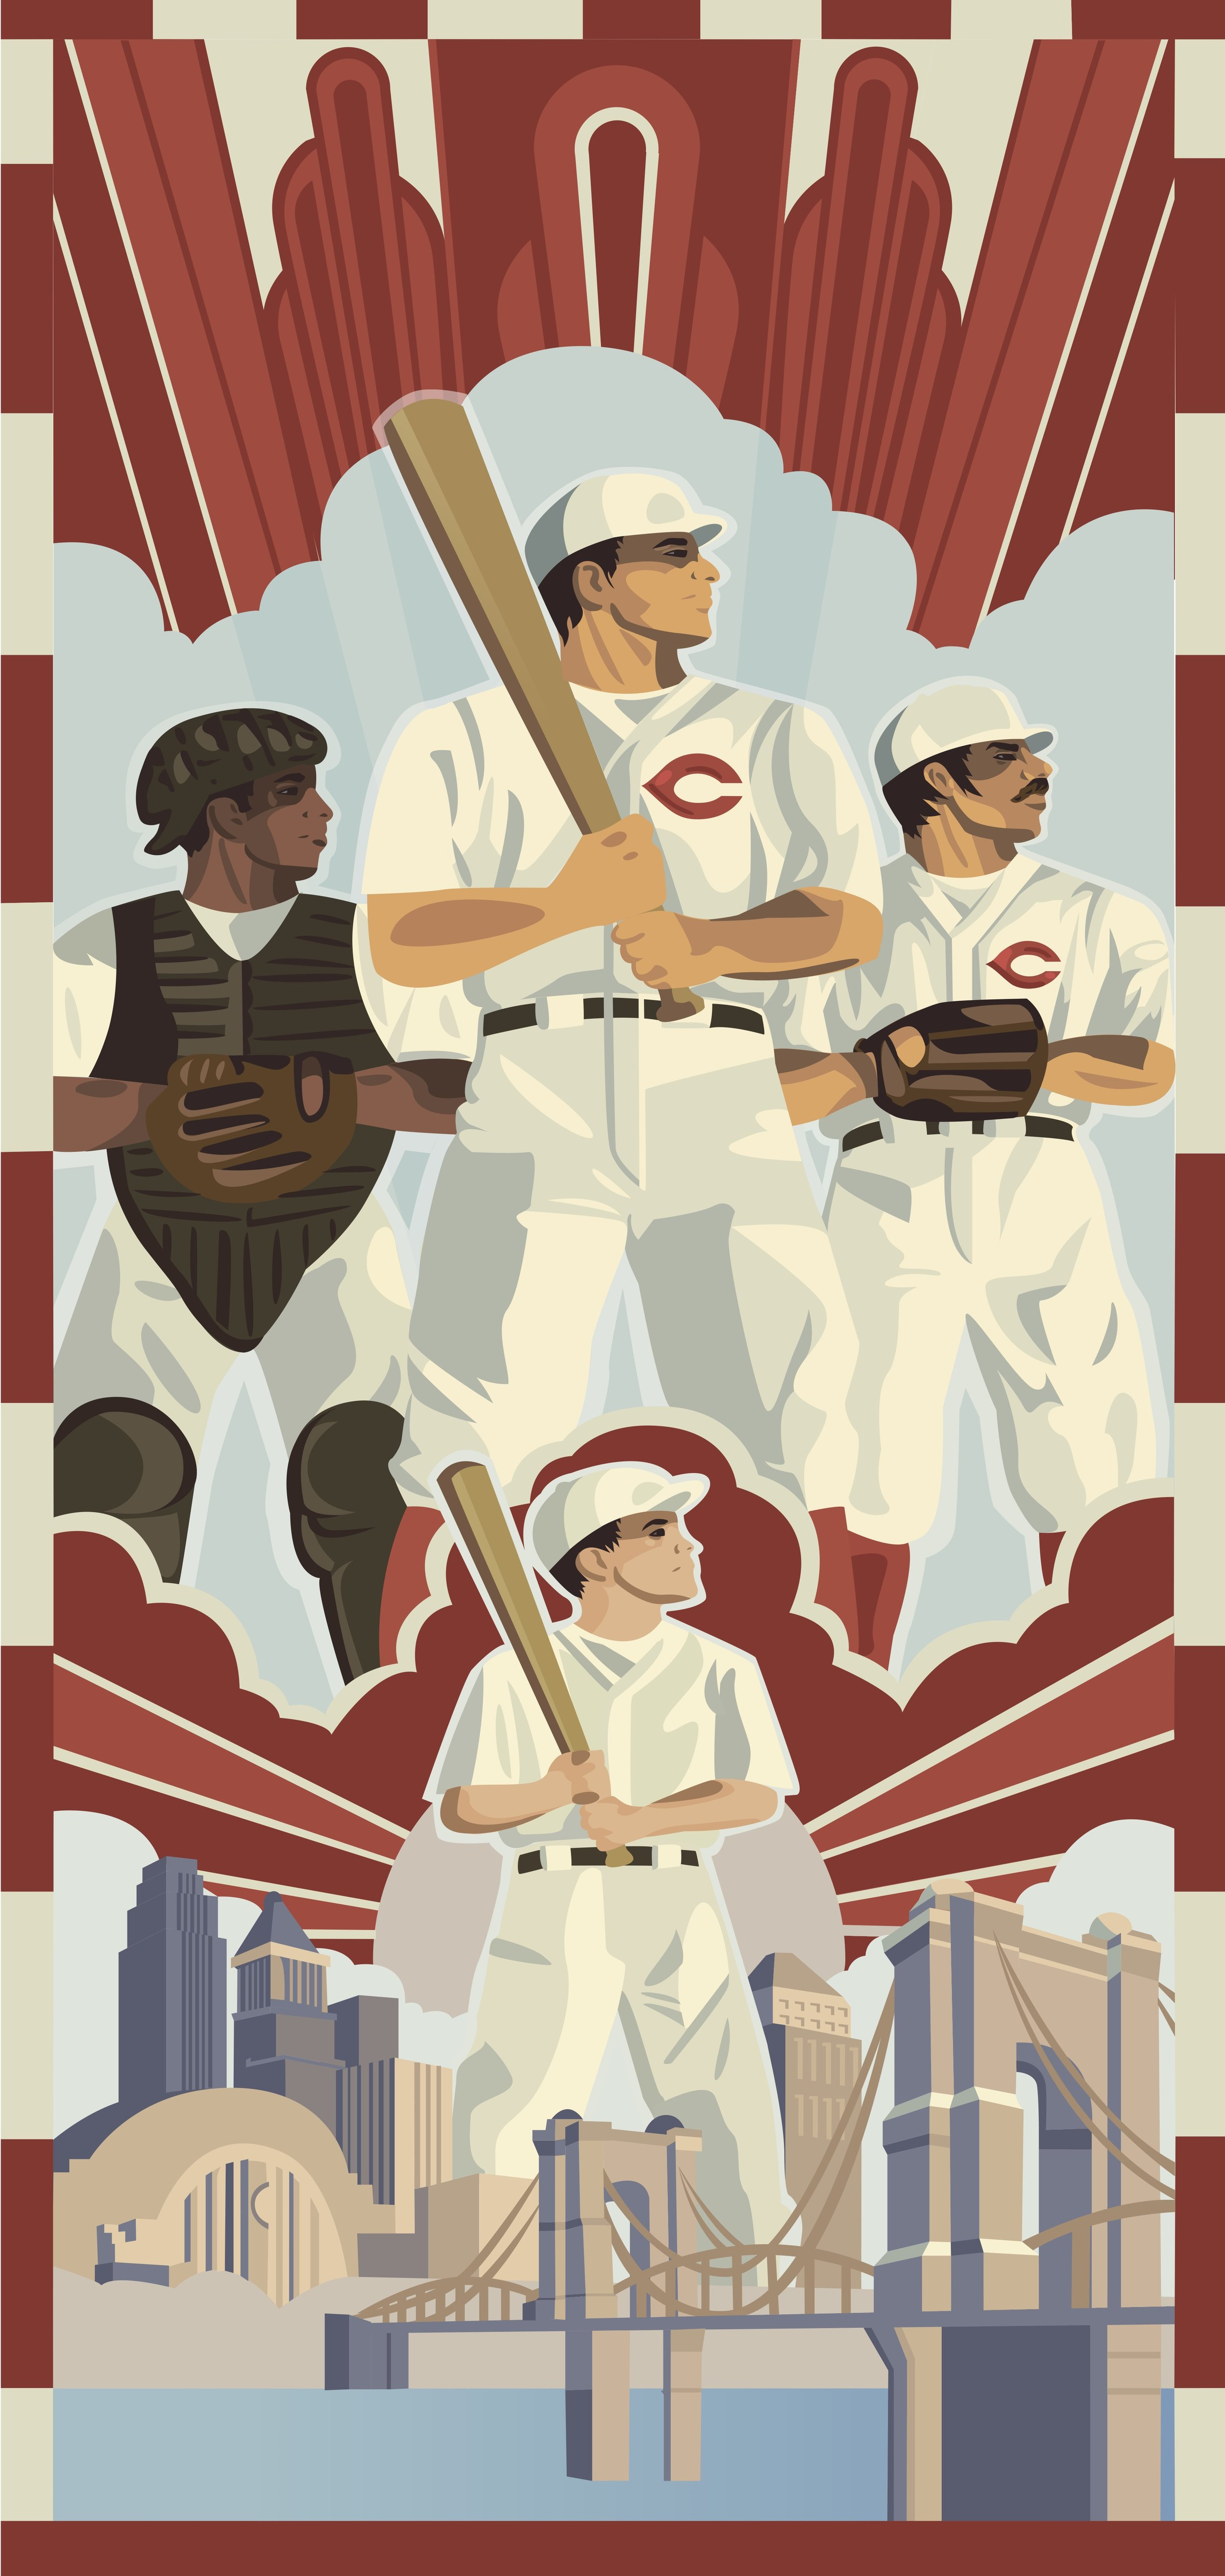 Great_American_Ballpark_basrelief_artdeco.jpg